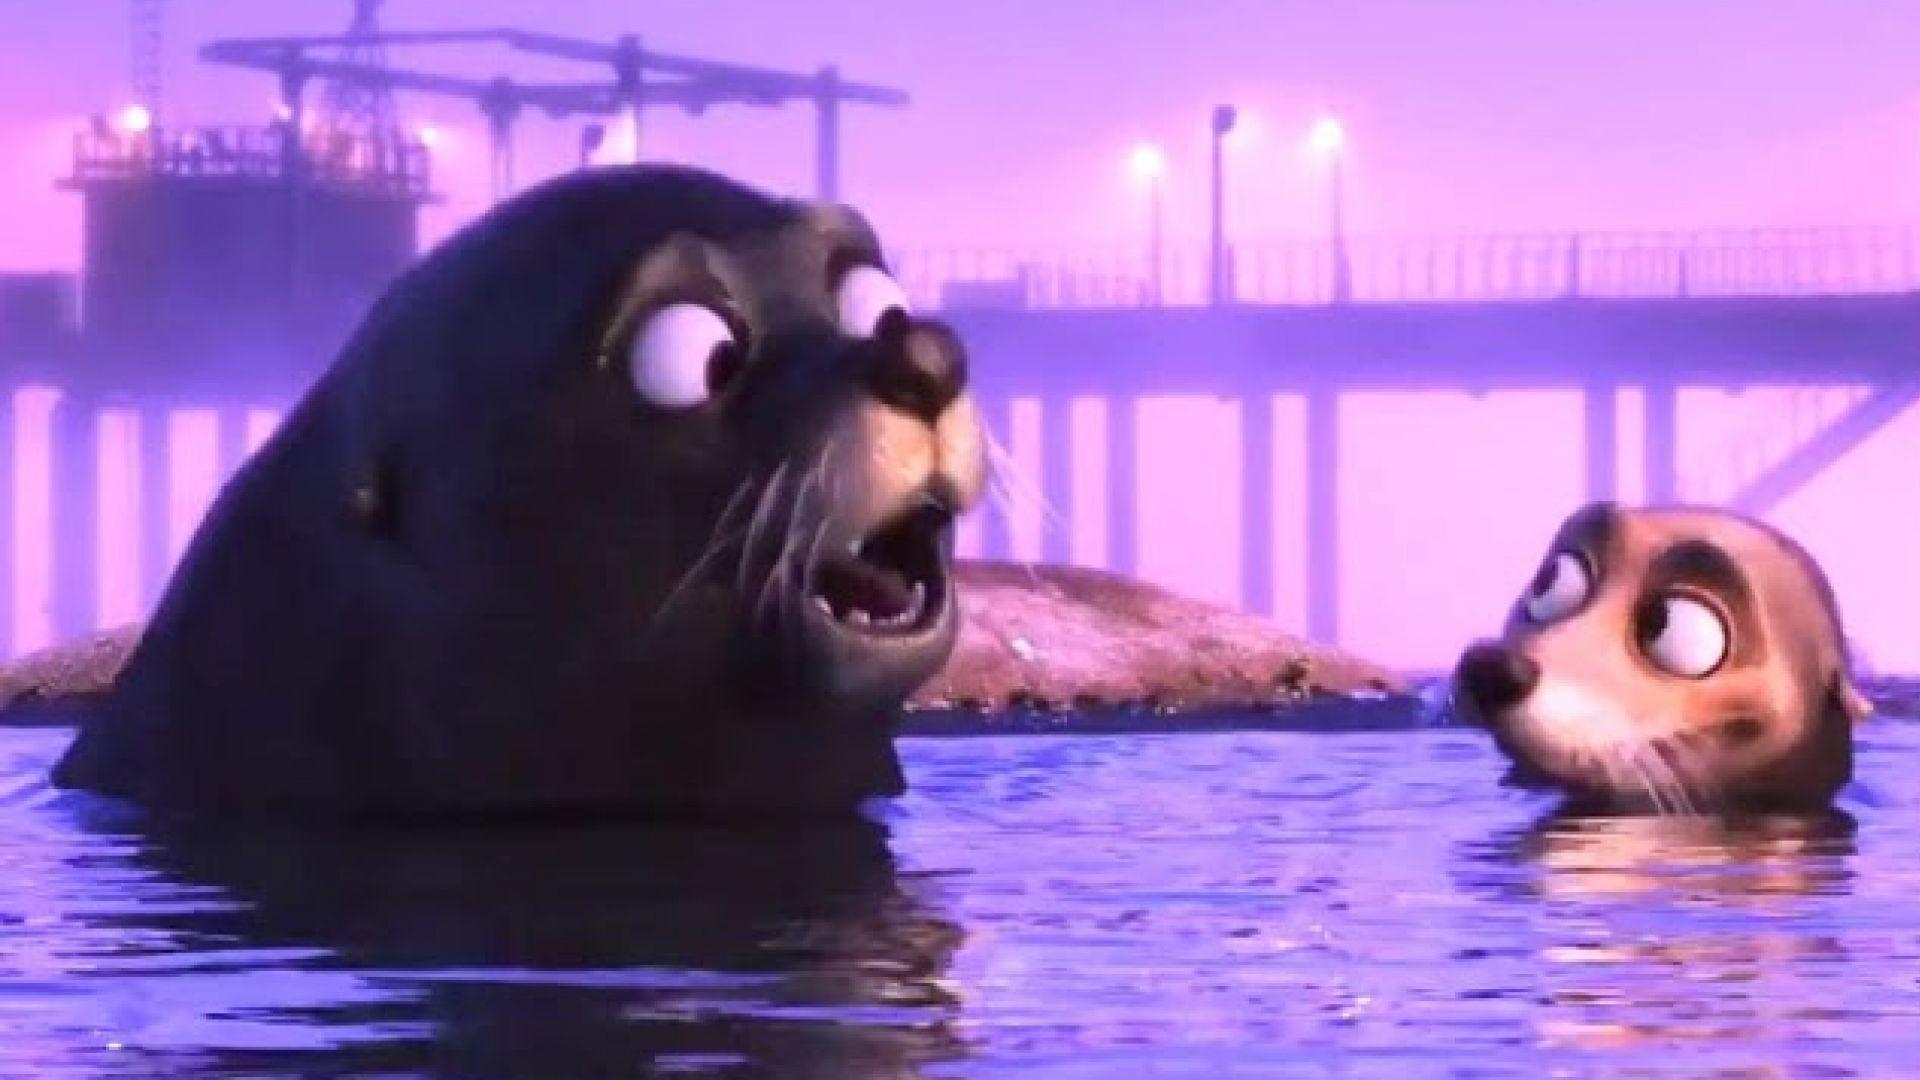 Sneak Peek: A new Finding Dory trailer lands tomorrow on Ell